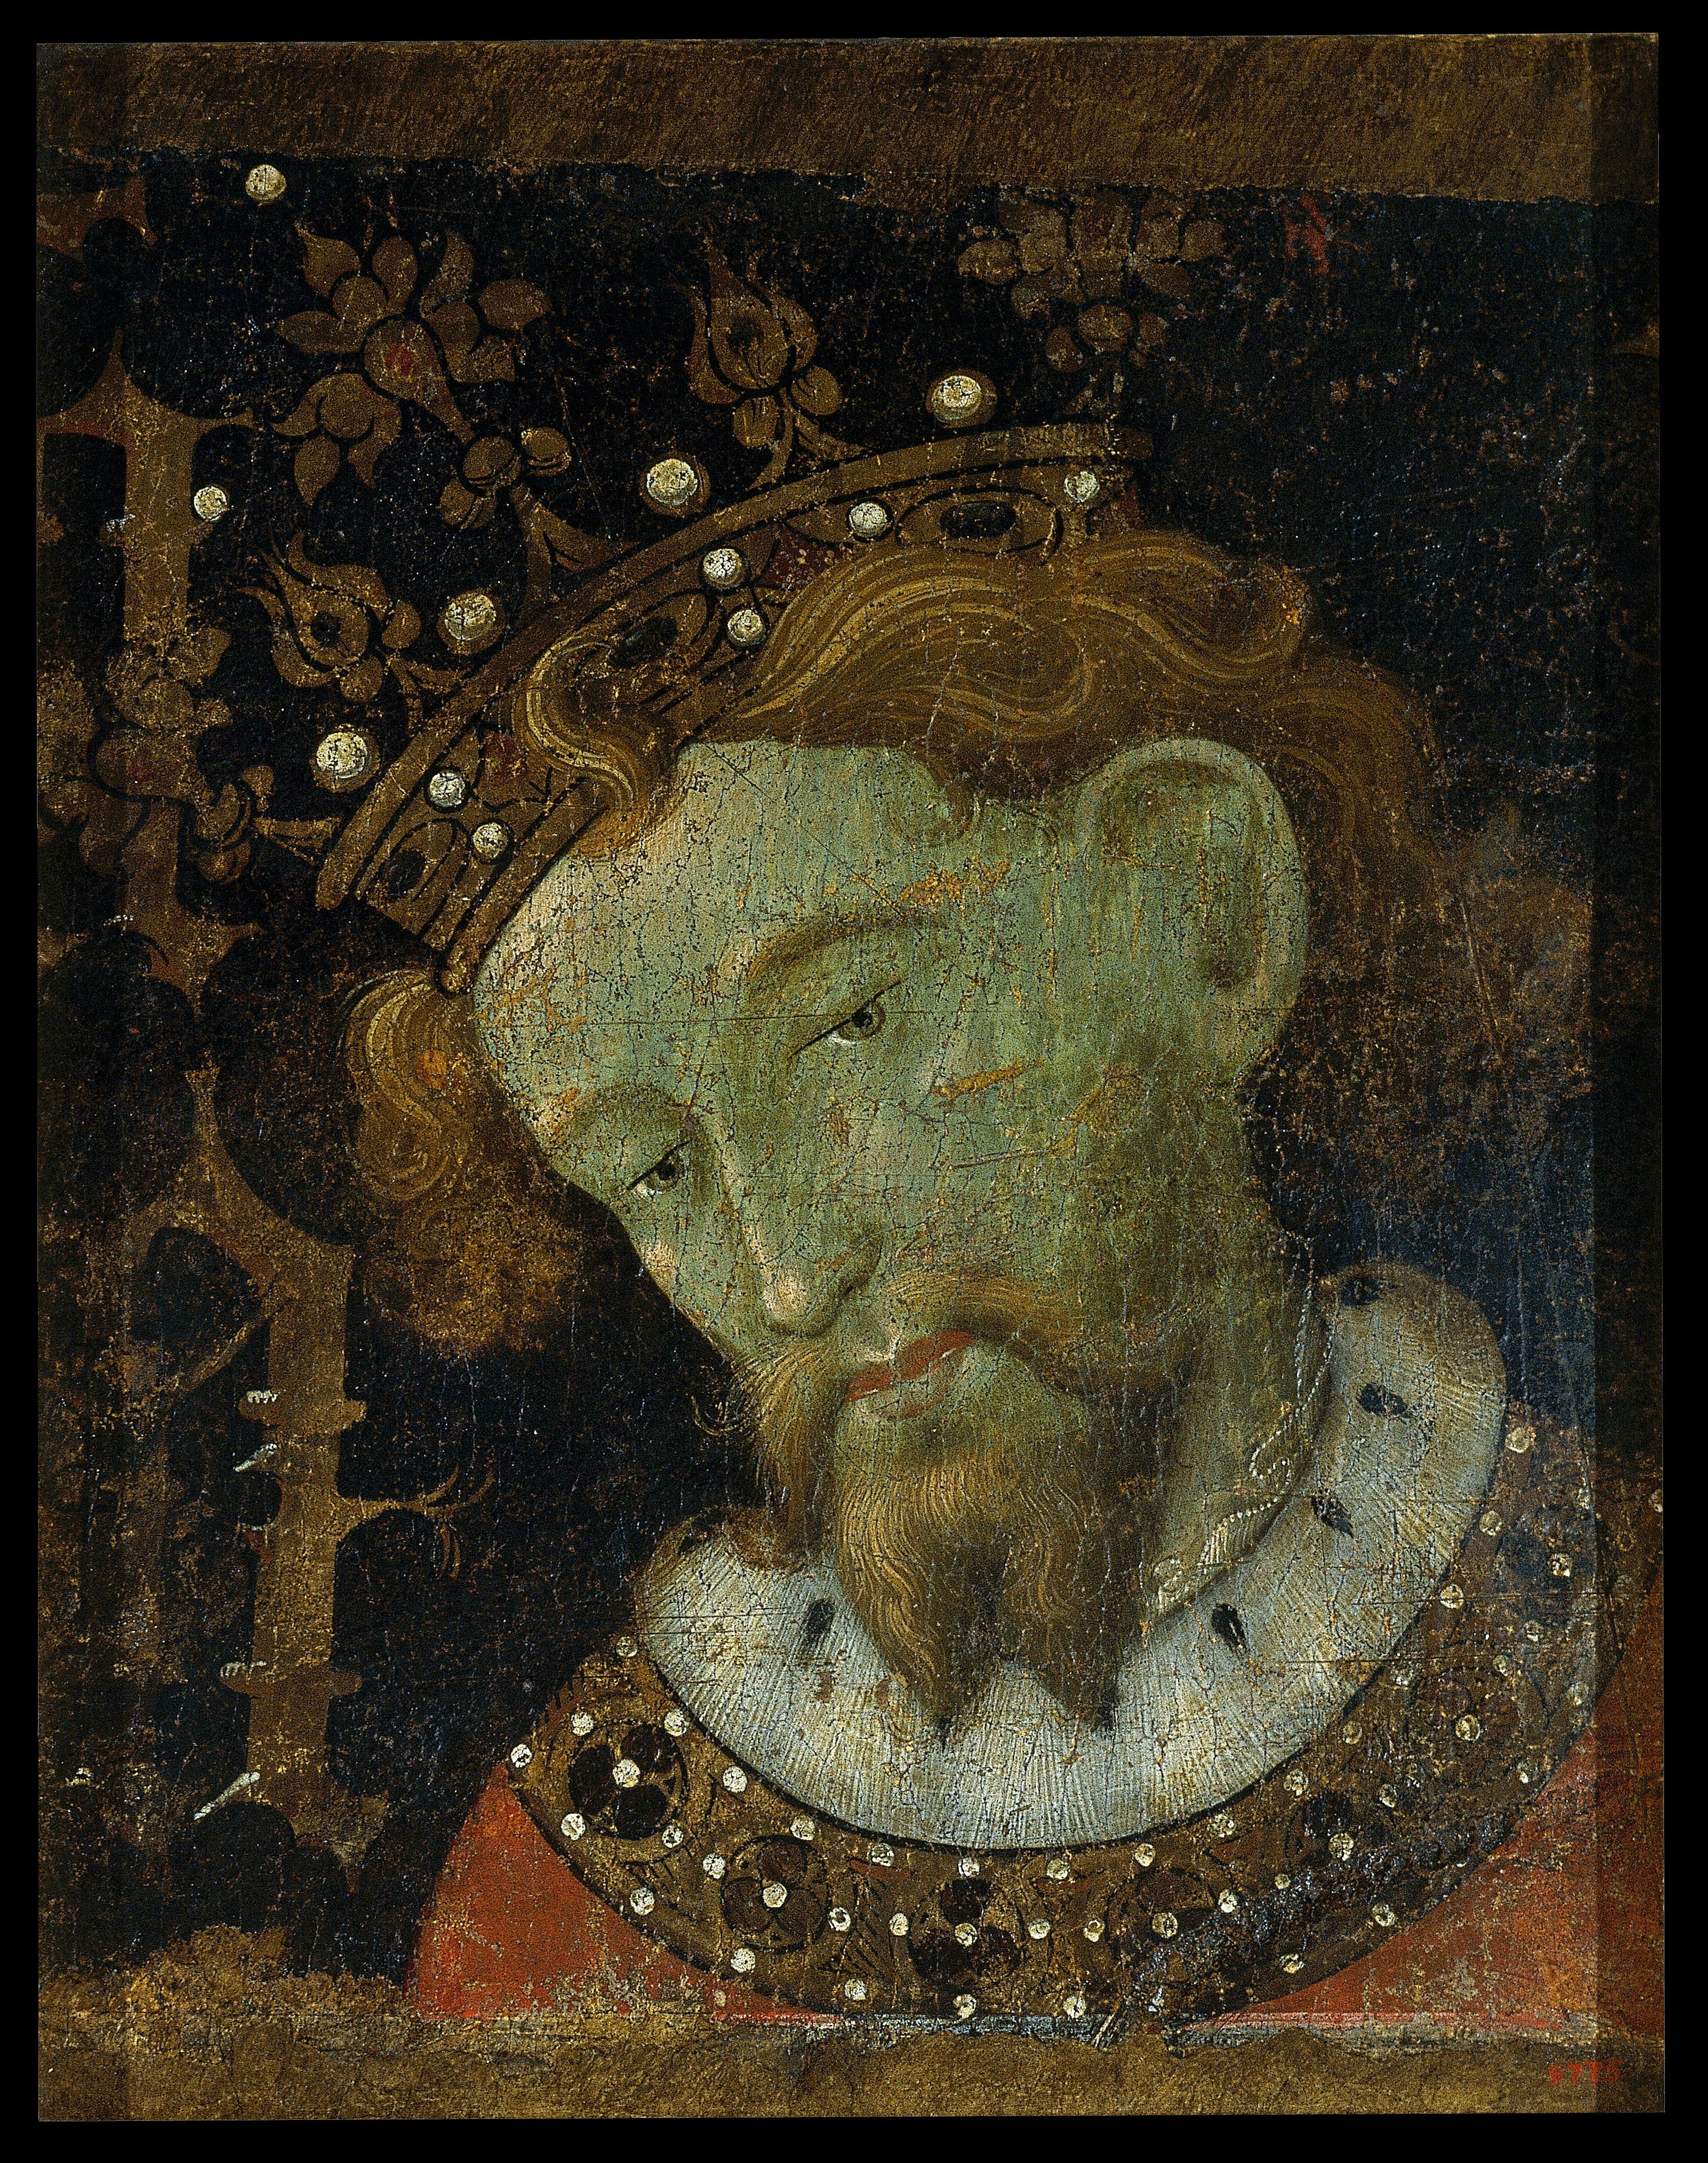 Retrato Alfonso III el Liberal s. XV por Jaume Mateu y Gonçal Peris